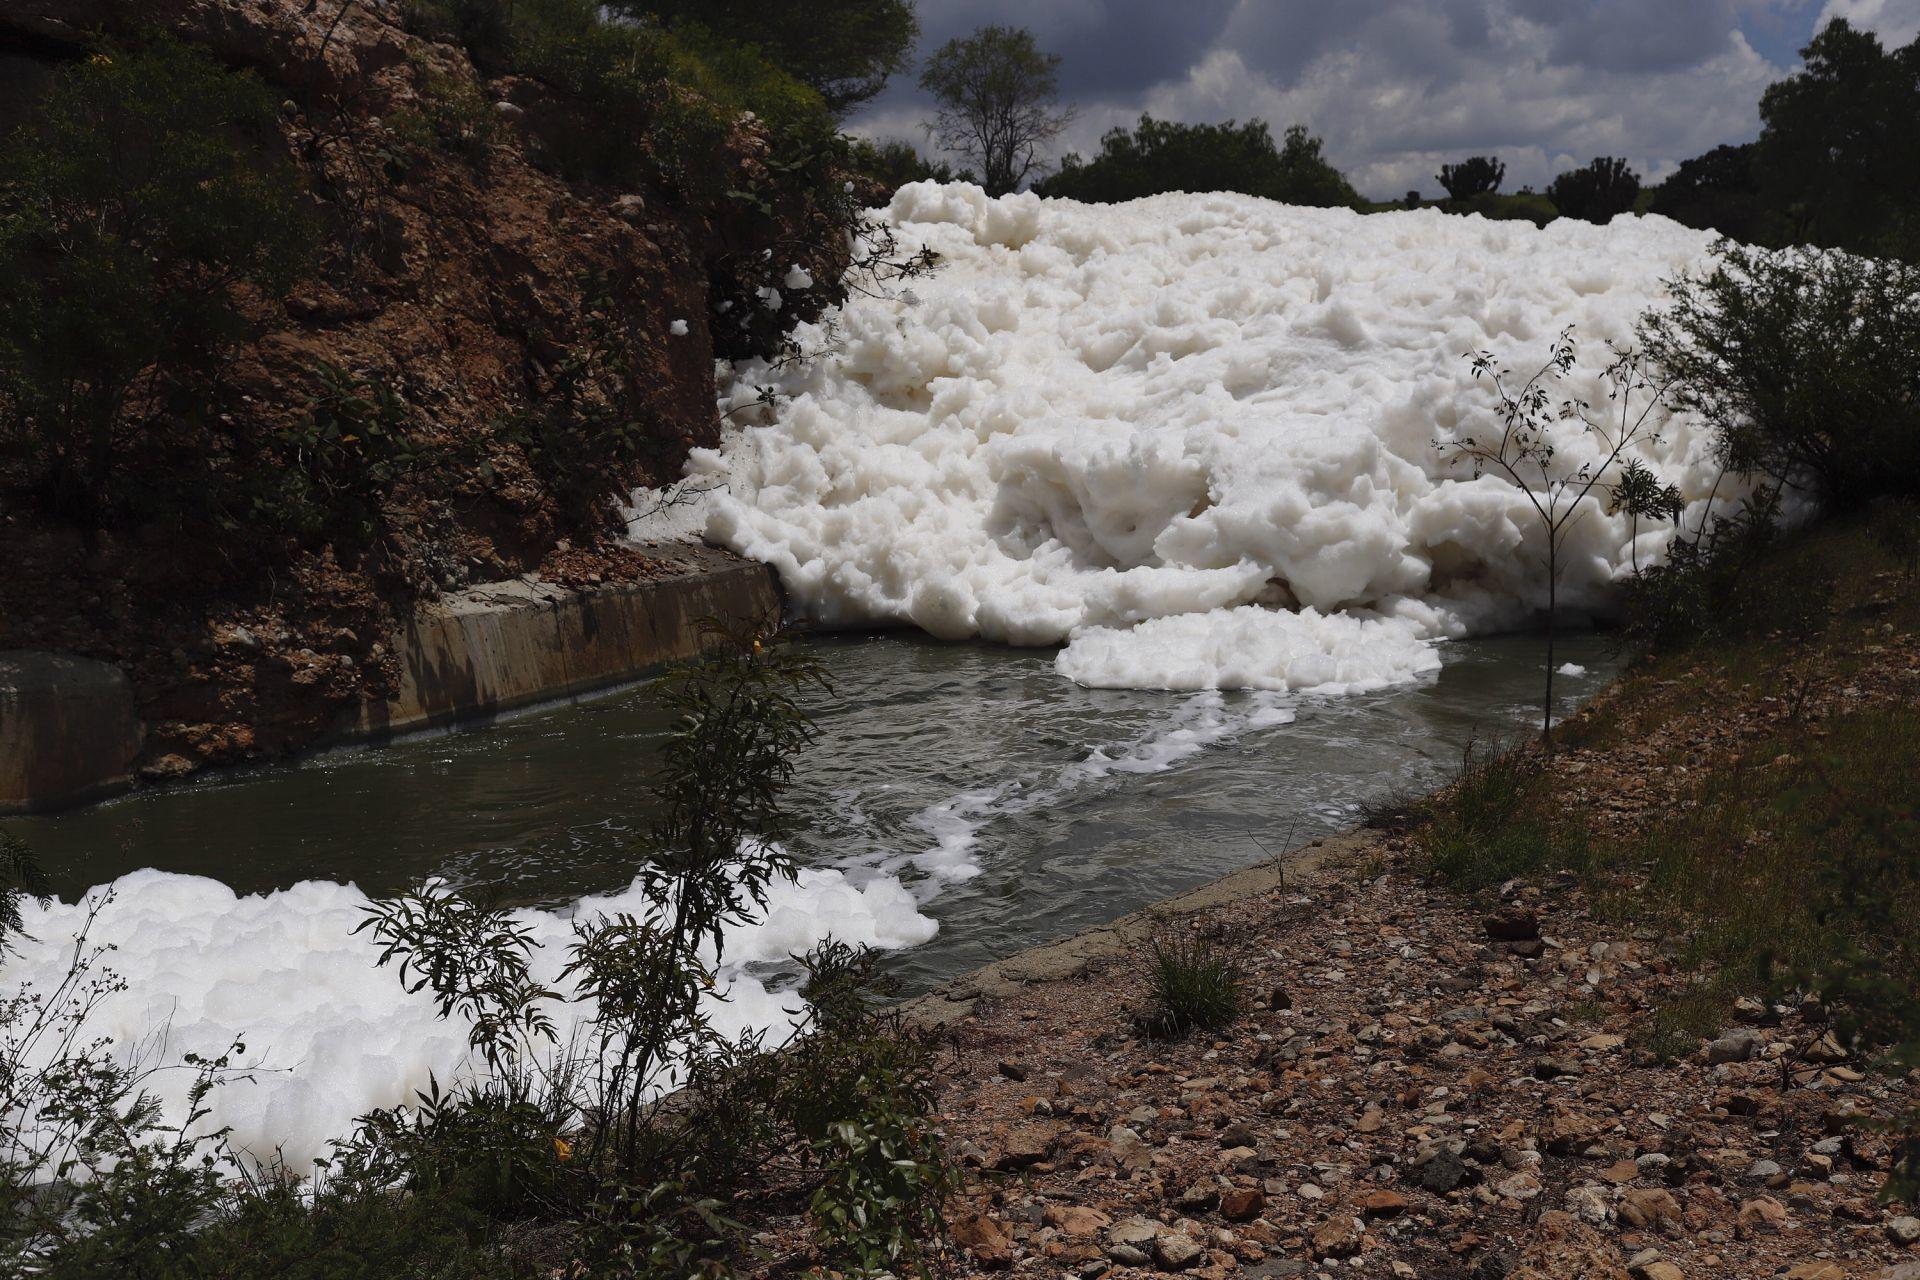 Se vuelve a formar espuma tóxica en presa de Valsequillo